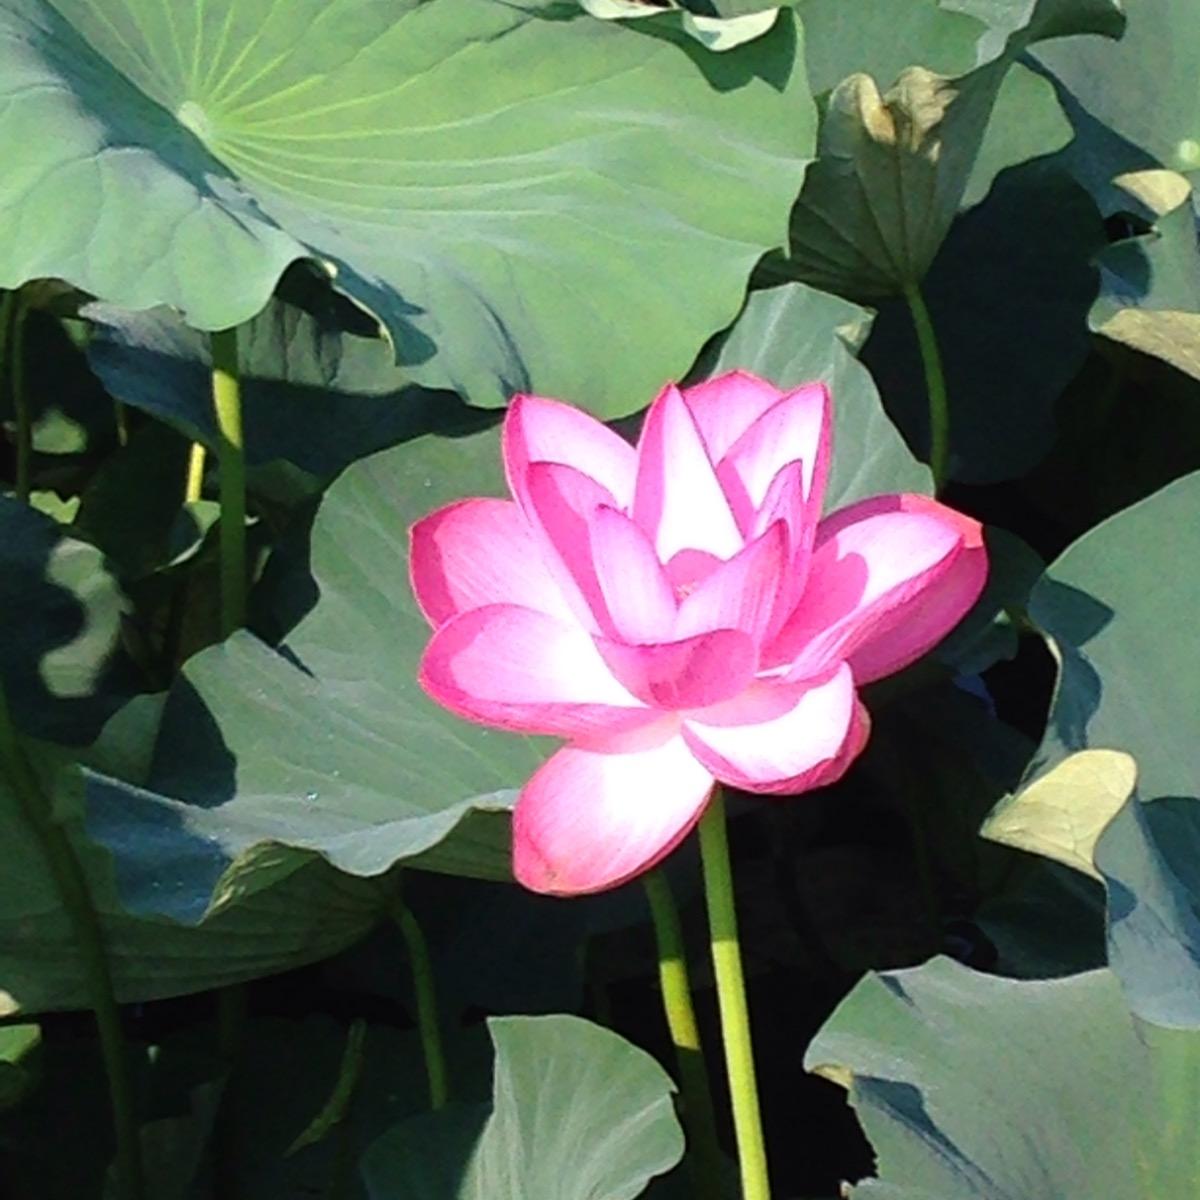 蓮は朝花開く。今朝その美しい蓮を見てきました。大網白里市の新スポットですね。